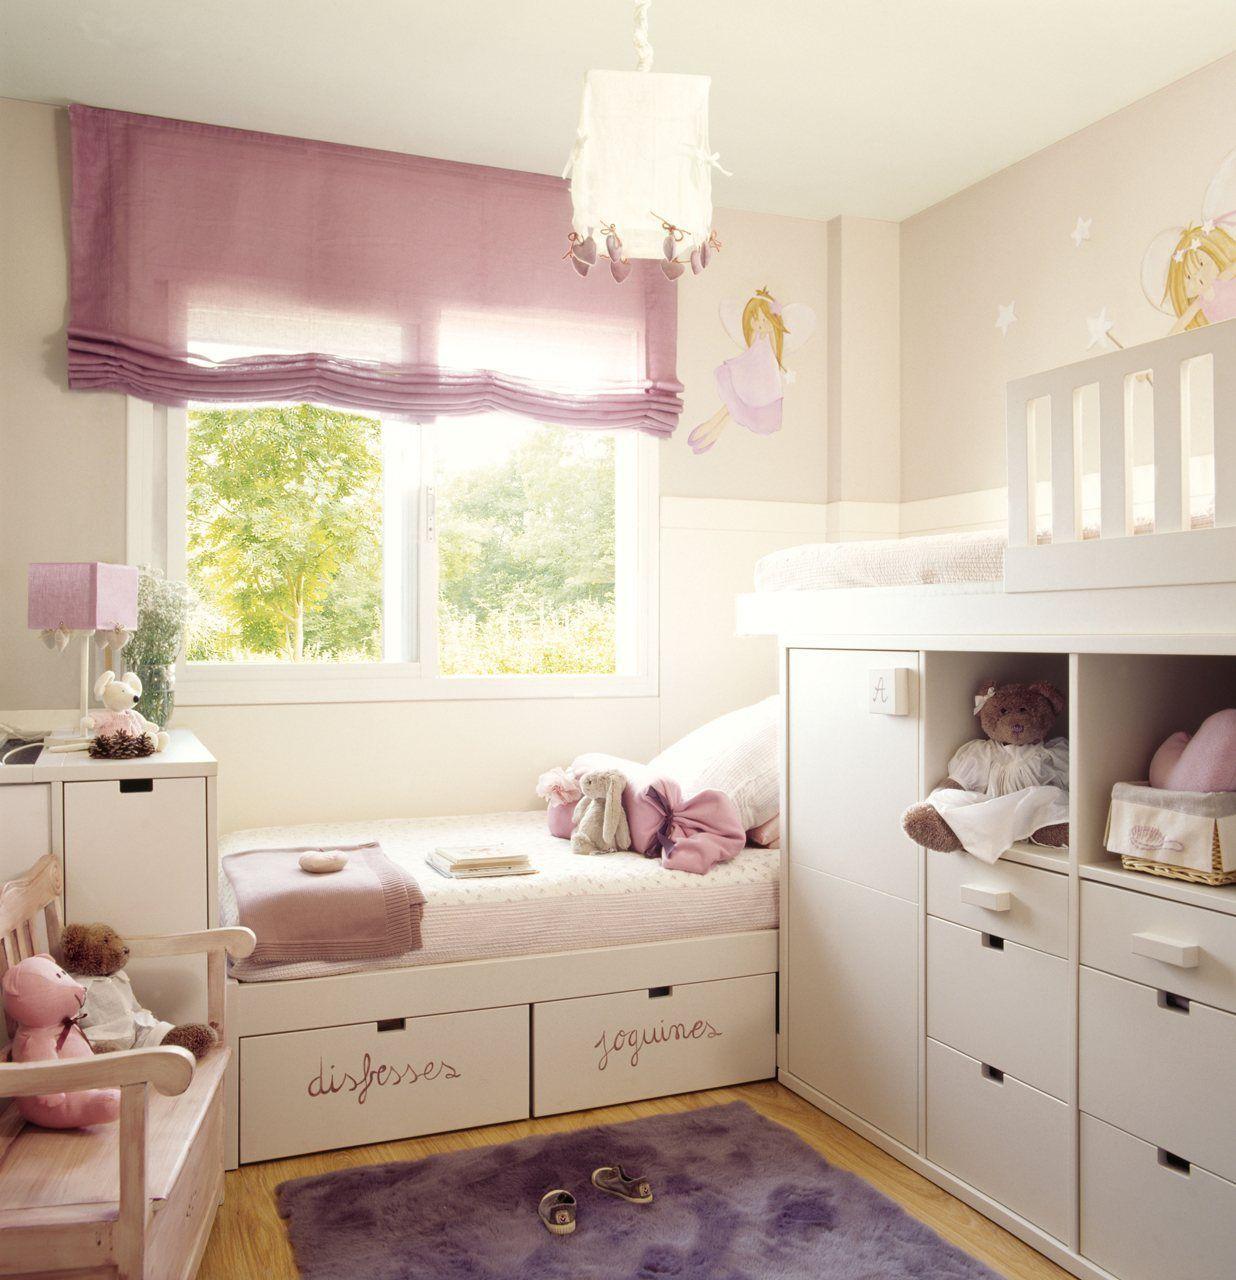 Dormitorios infantiles peque os s cales partido recamaras ni as pinterest dormitorios - El mueble habitaciones infantiles ...